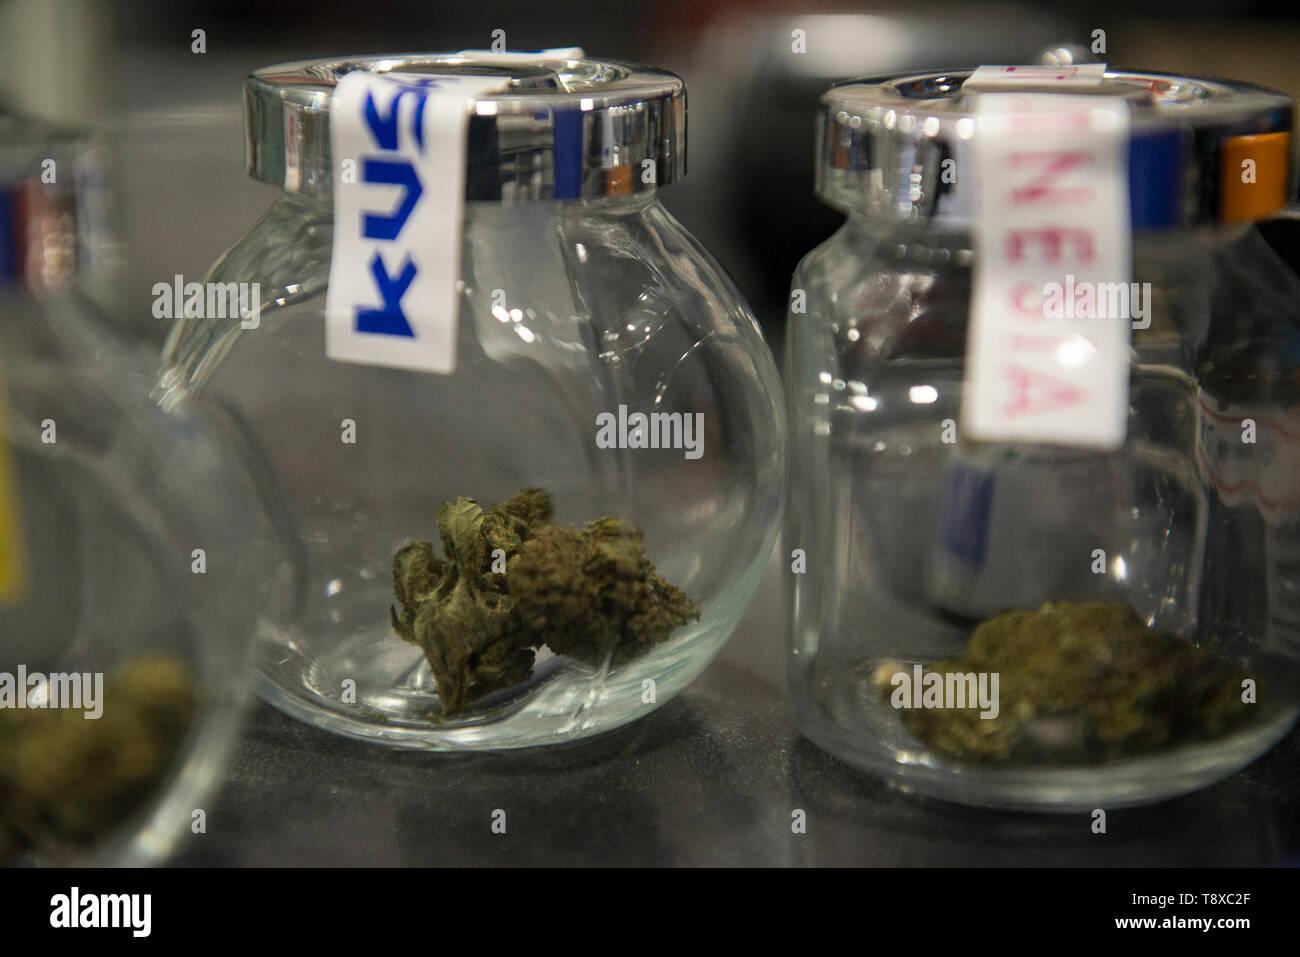 13 mai 2019 - Turin, Piémont, Italie - Turin, Italy-May 13, 2019: le cannabis légal en vente dans un magasin de tabac. La marijuana est une substance psychoactive qui est obtenu à partir d'inflorescences séchées de plantes de chanvre femelle. Le Delta-9-tétrahydrocannabinol, appelée le THC est contenue dans toutes les variétés de chanvre, une substance qui rend la plante illégale dans de nombreux pays. Il y a des variétés qui peuvent être cultivées légalement pour lequel la limite à ce contenu est fixé par la loi. En Italie, la vente de cannabis légal a été légalisée, mais ces derniers jours, Matteo Salvini le Ministre italien de l'Intérieur veut faire Banque D'Images